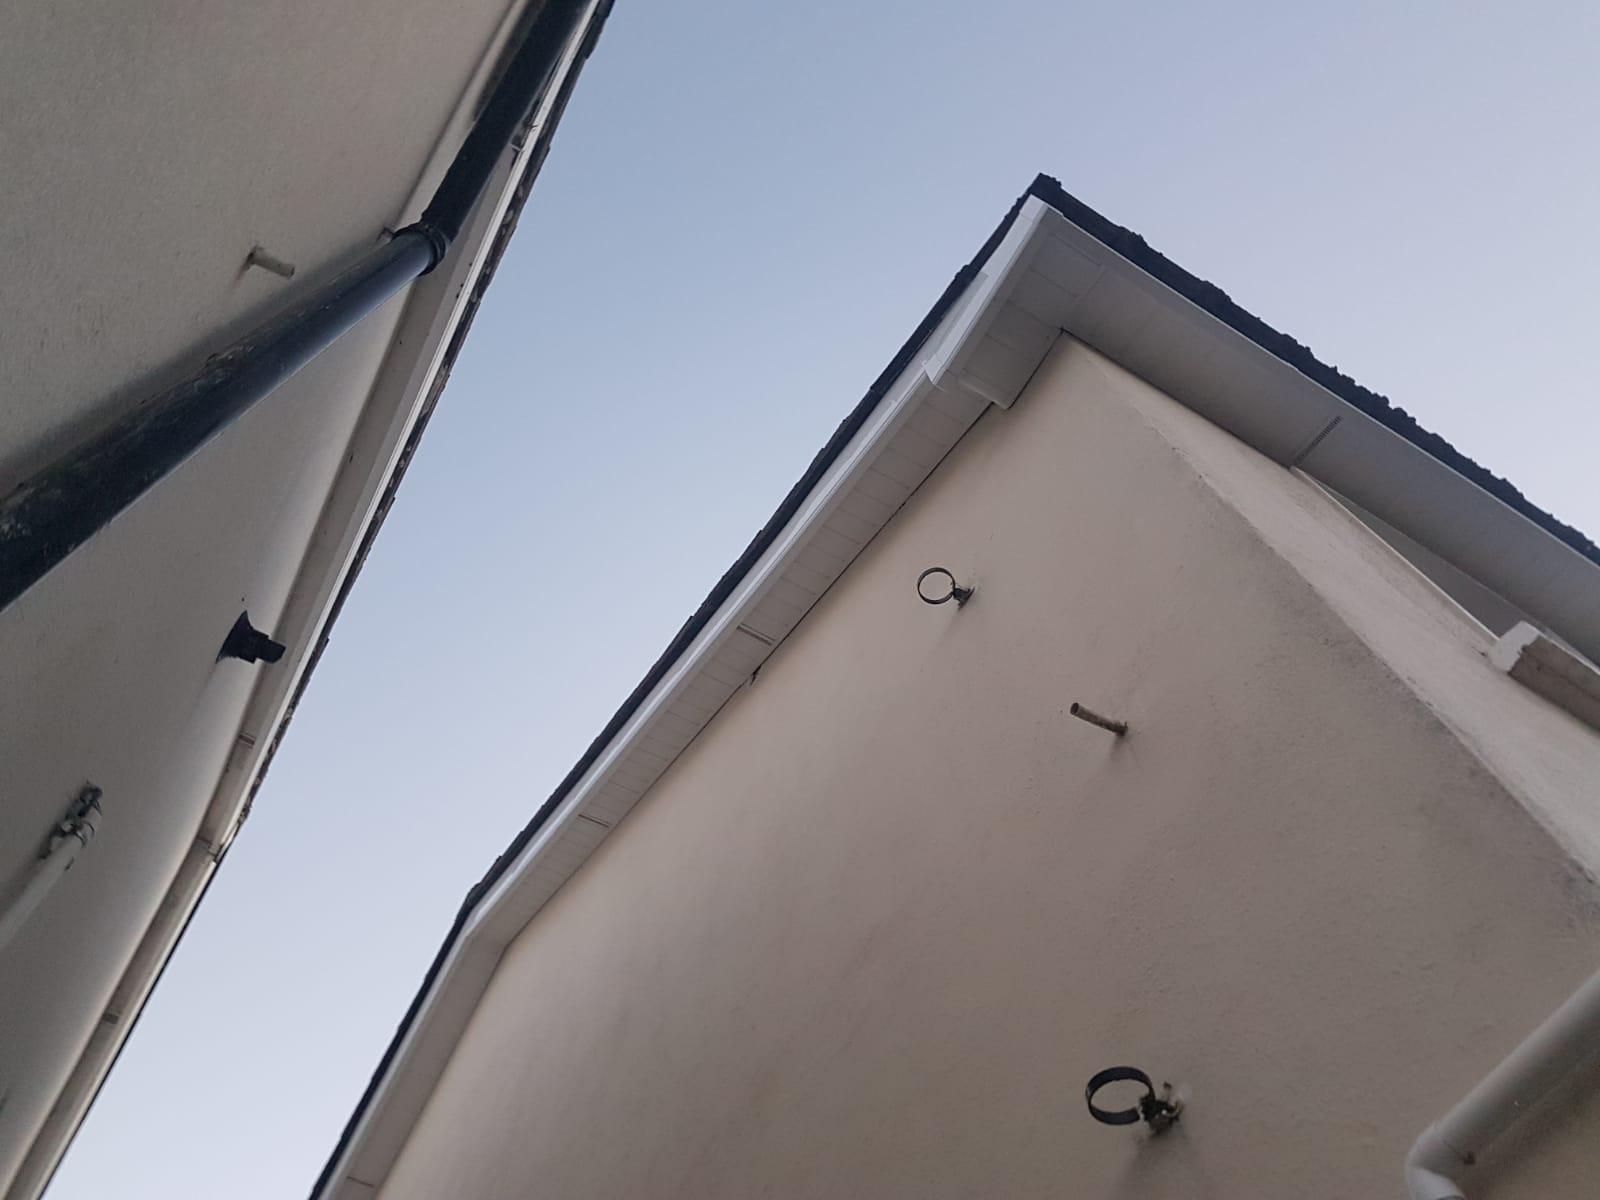 Gutter Repairs in Castledermot, Co. Kildare